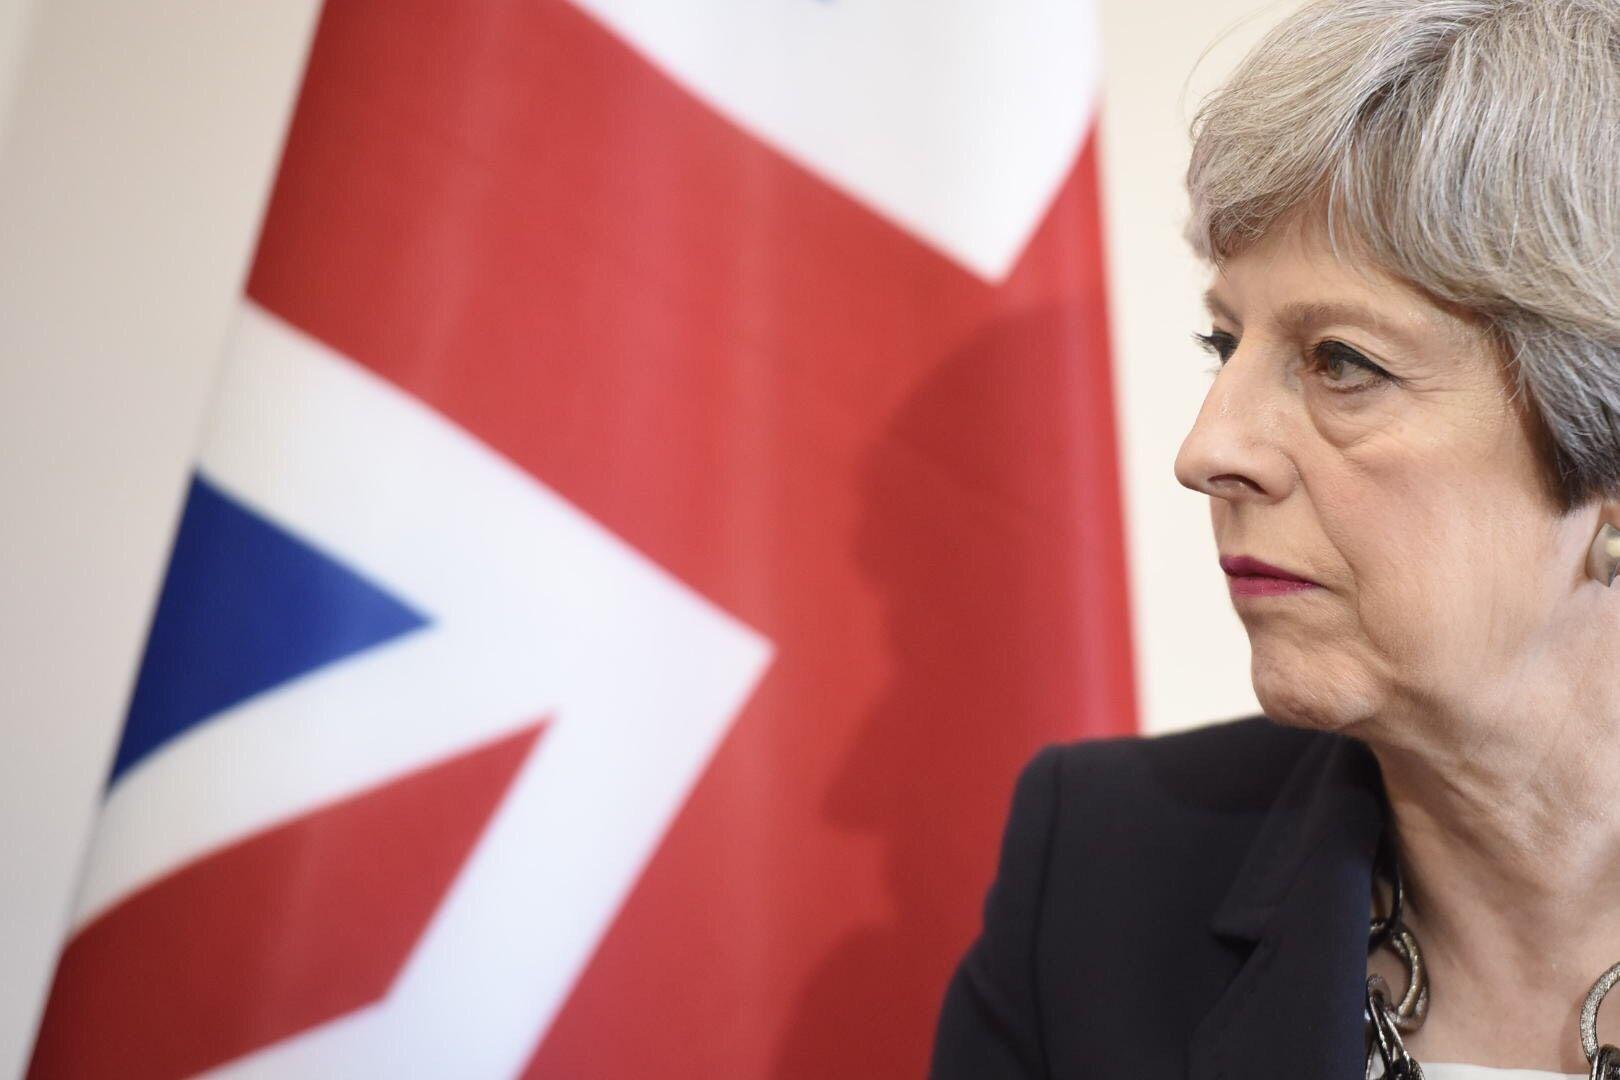 40 de parlamentari ai Partidului Conservator cer înlocuirea premierului britanic Theresa May. Mecanismul prin care ar putea fi destituită